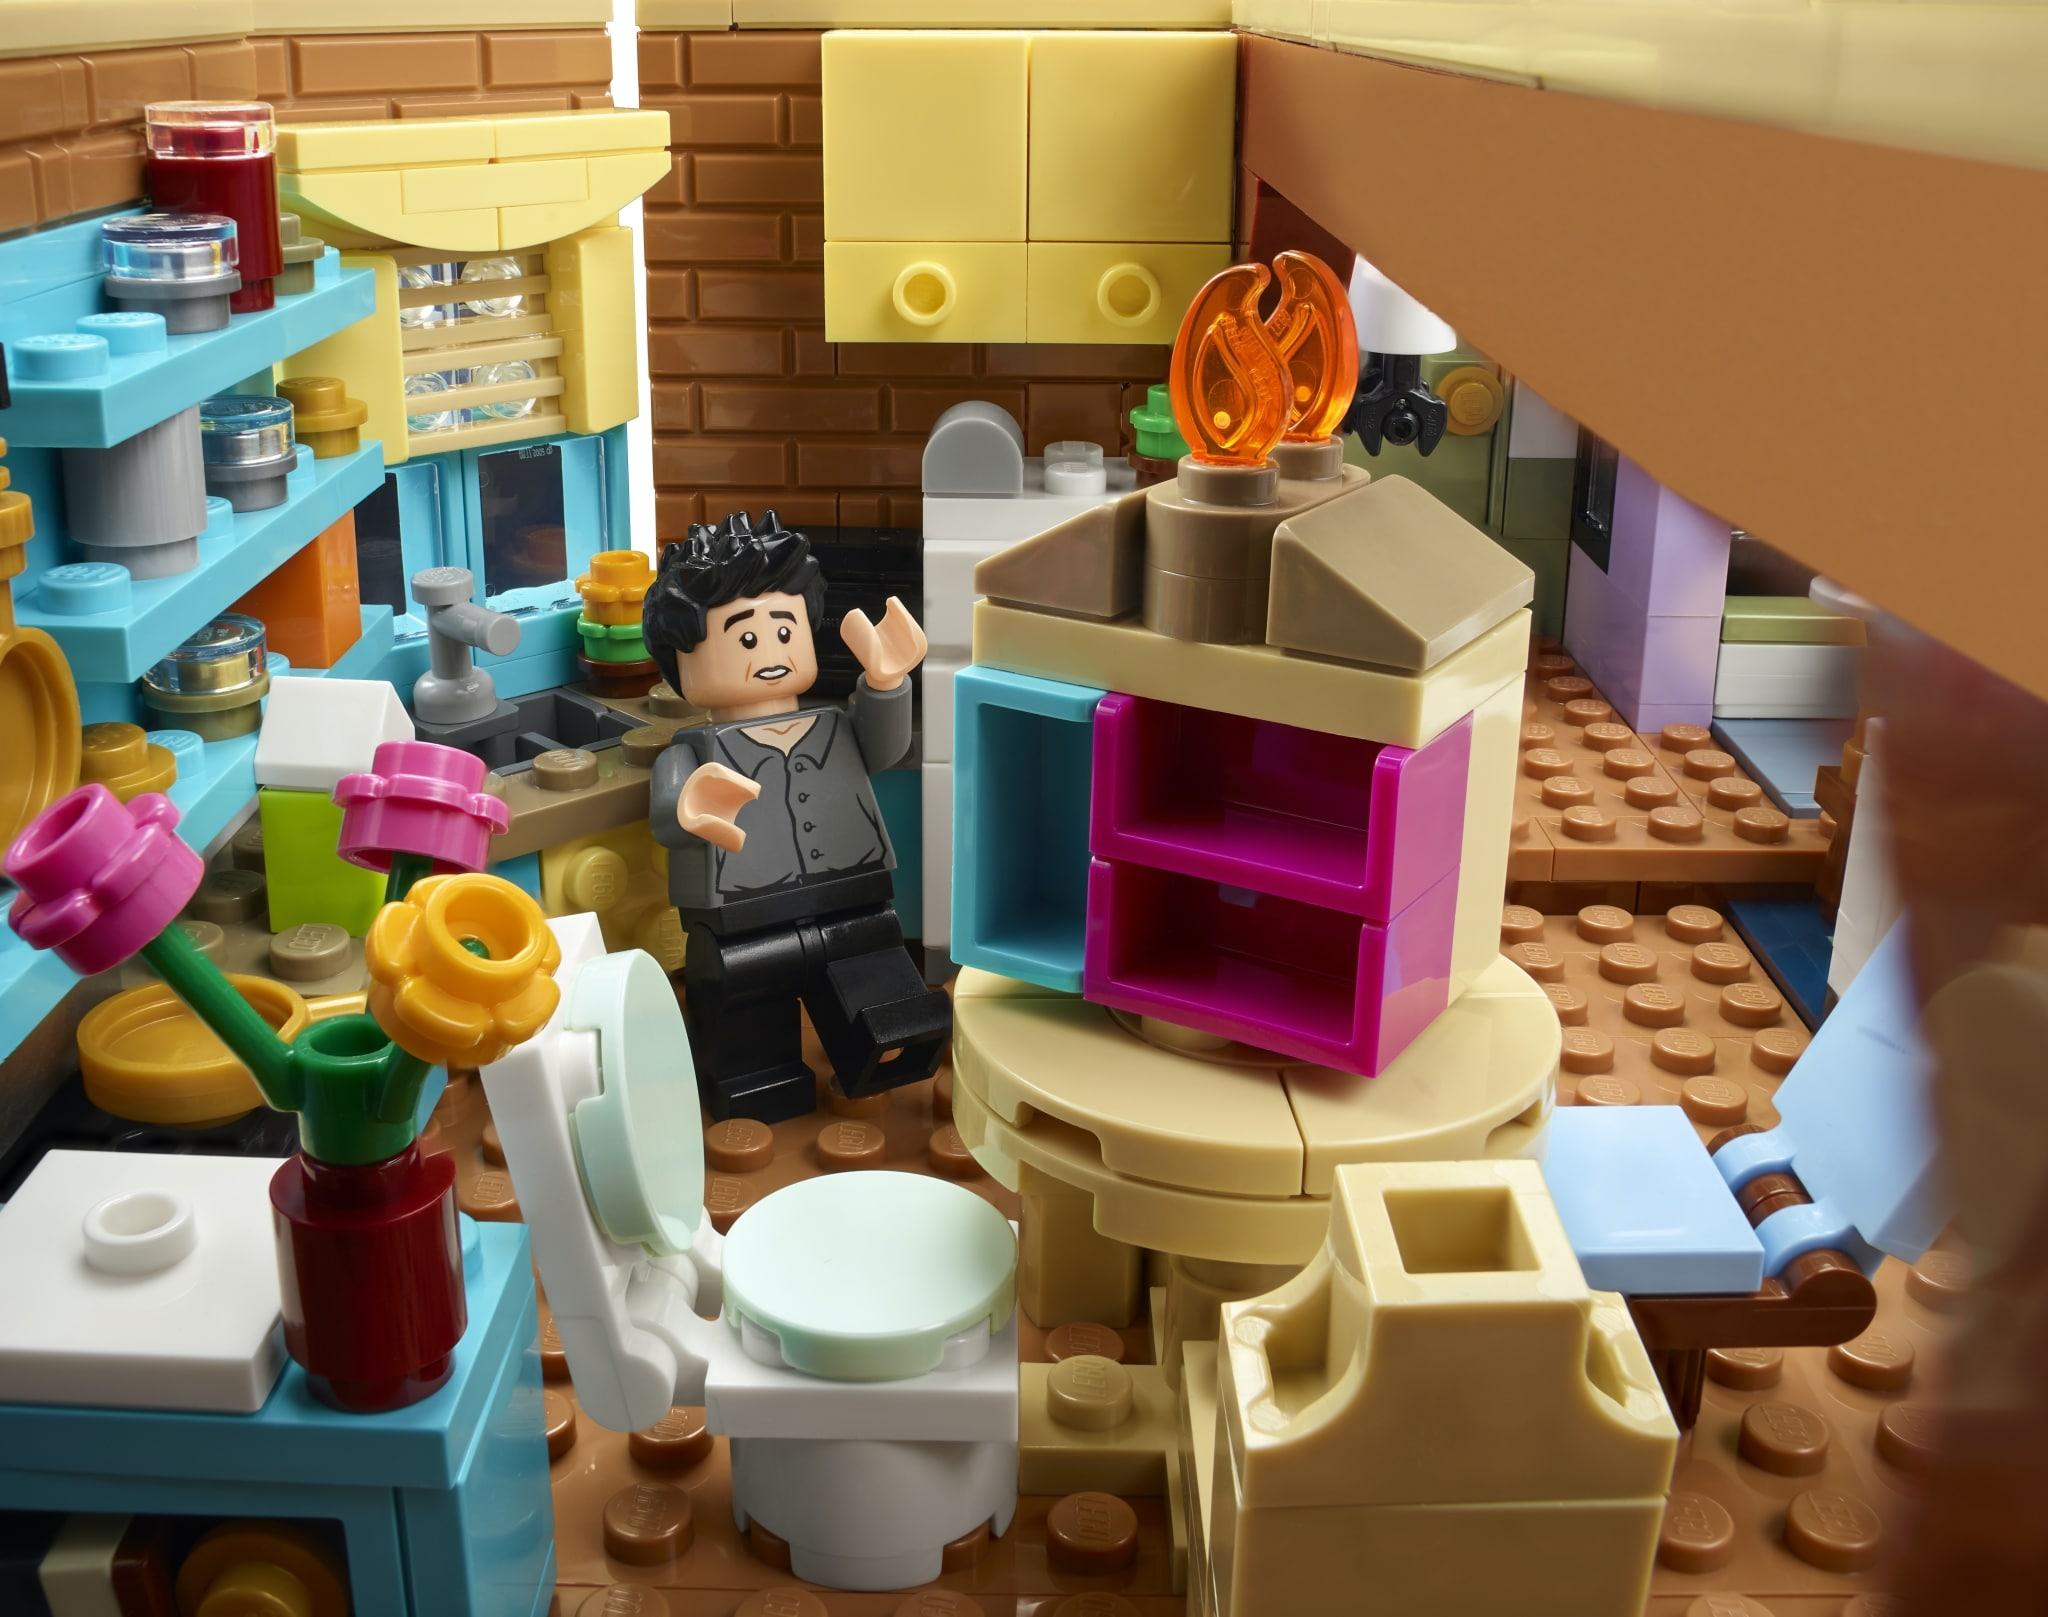 Ensemble LEGO Friends TV Show